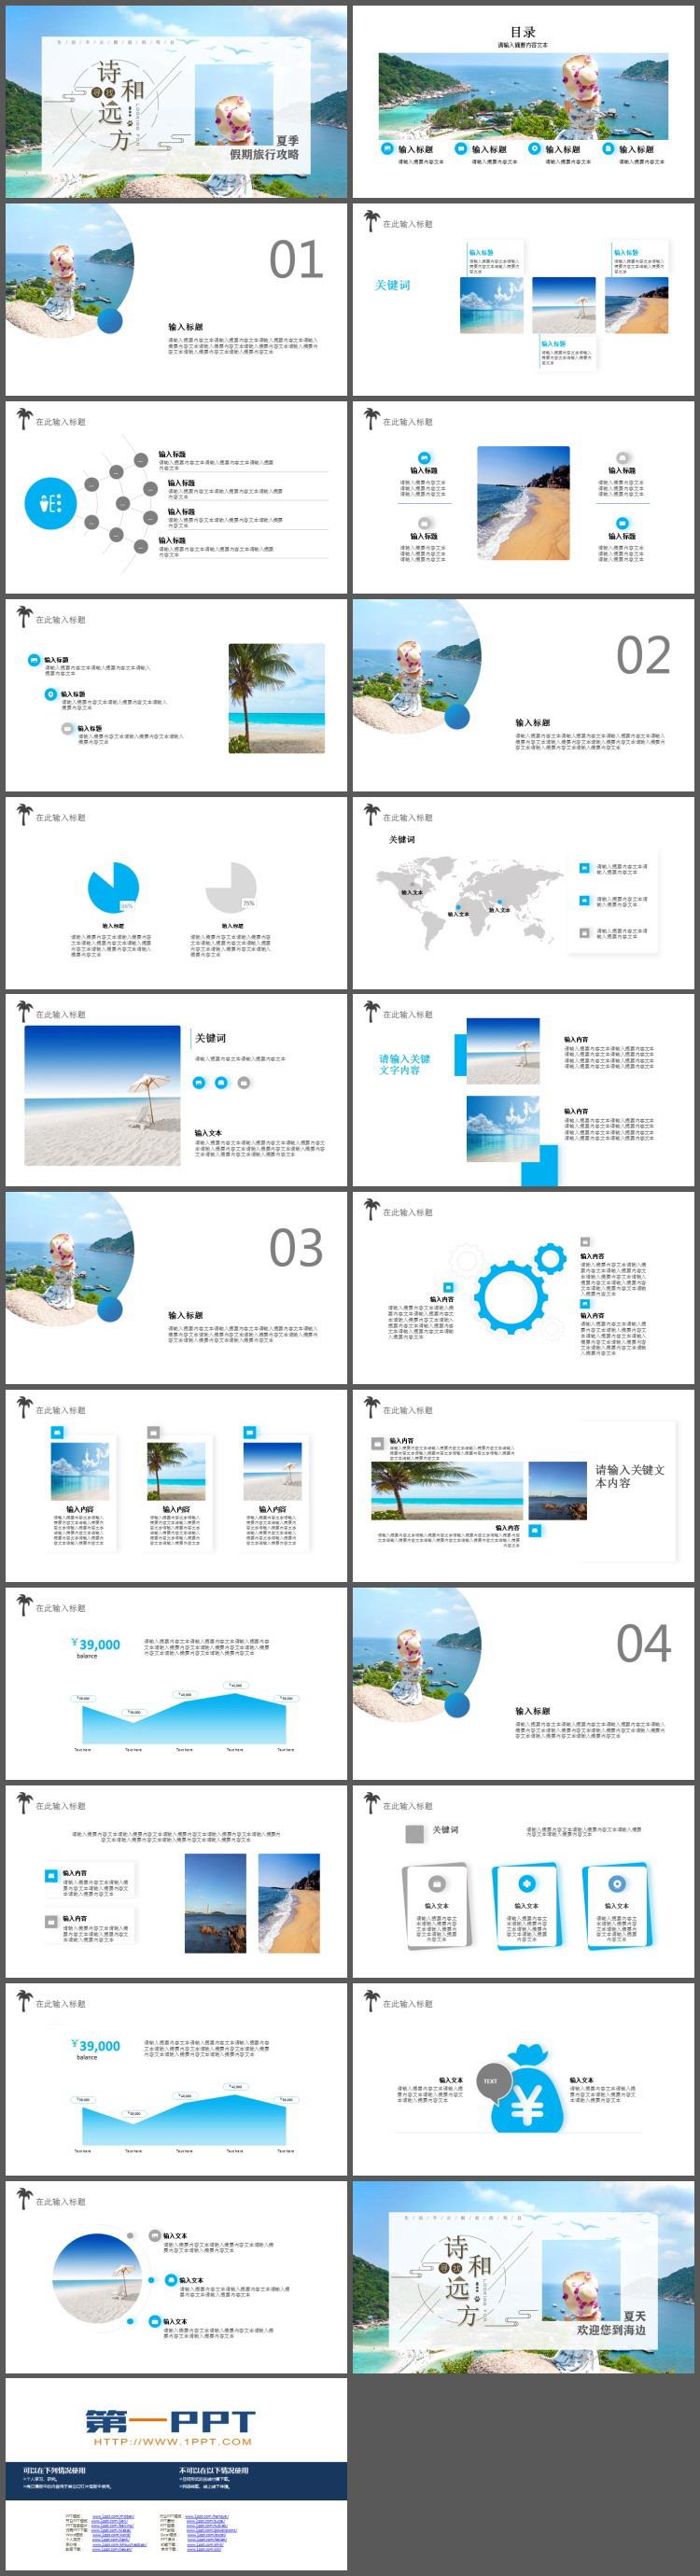 海边背景的清爽夏季假期旅游PPT模板